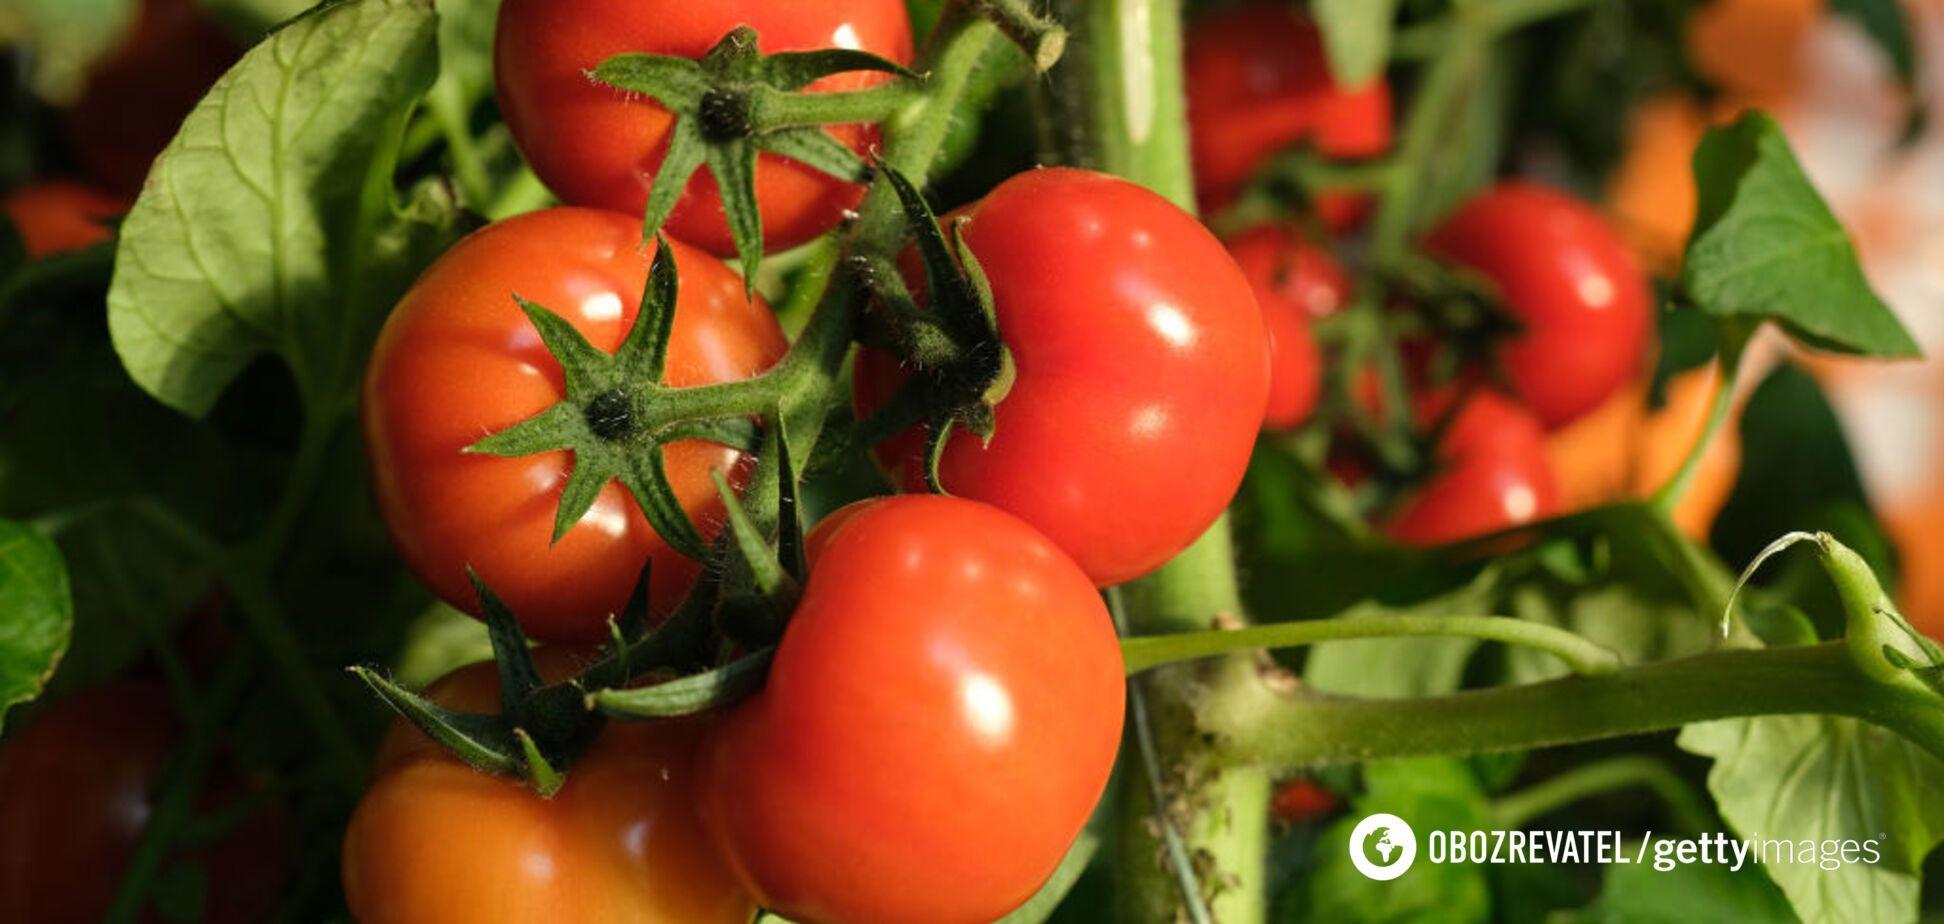 Тривалість зберігання помідорів повинна бути короткою